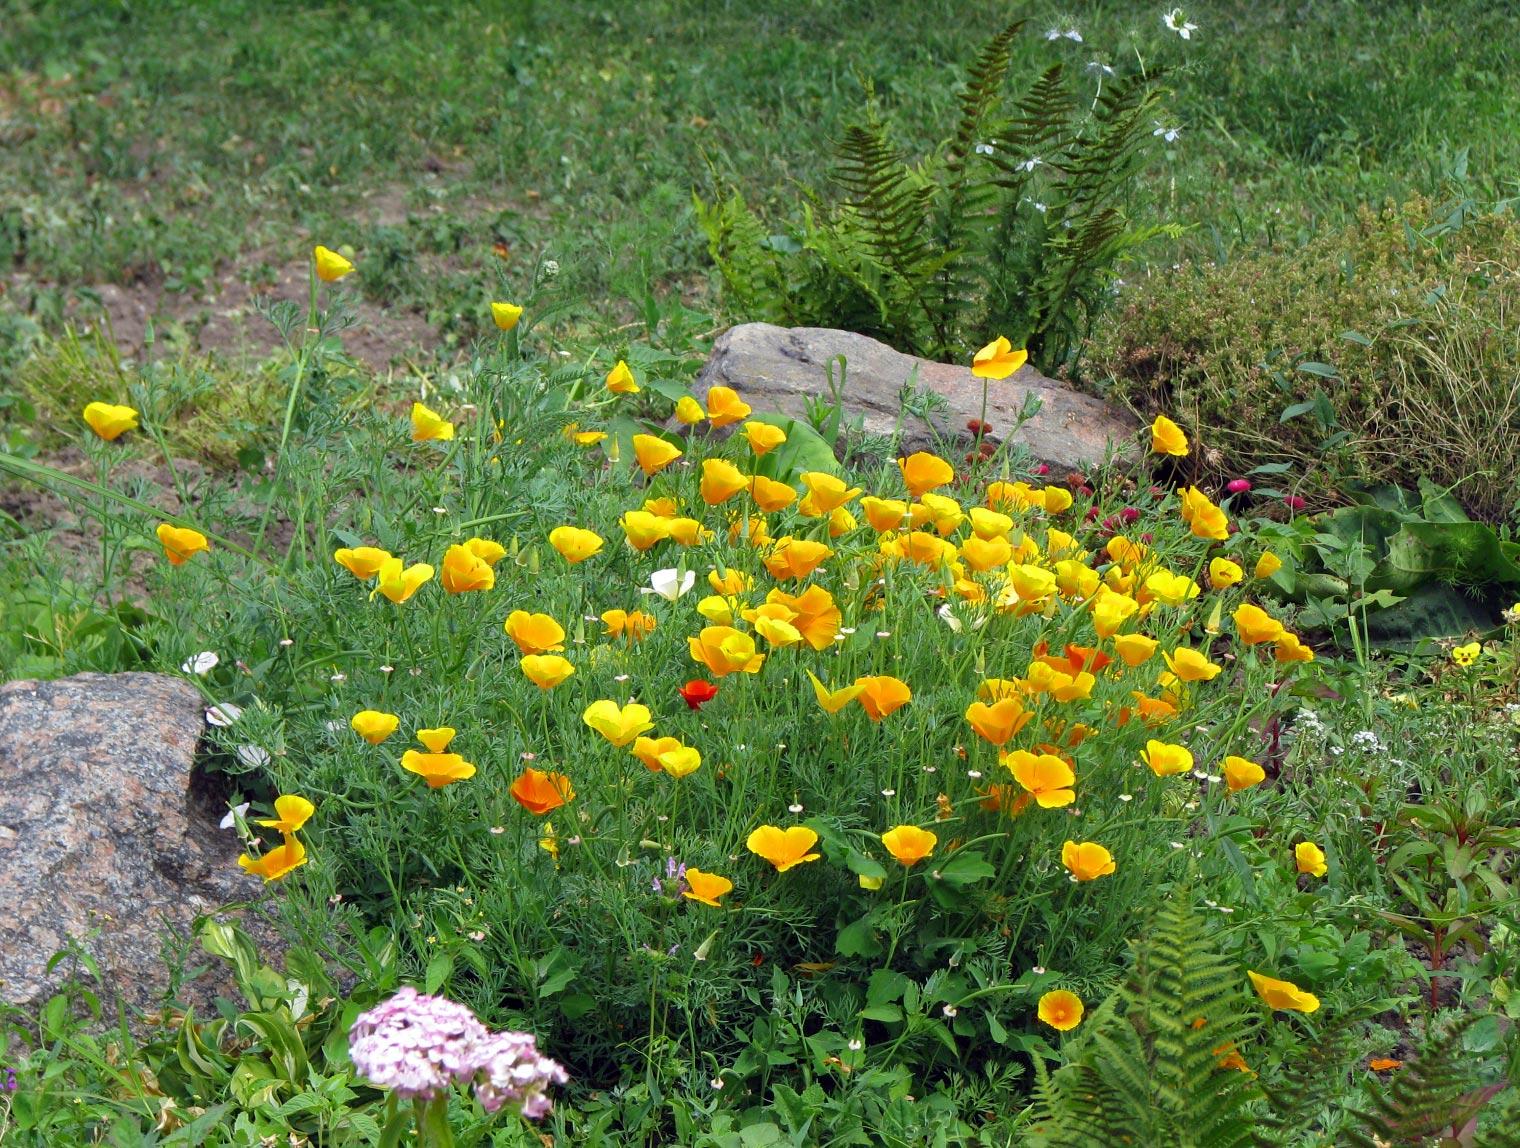 Красивые желтые цветы на альпийской горке